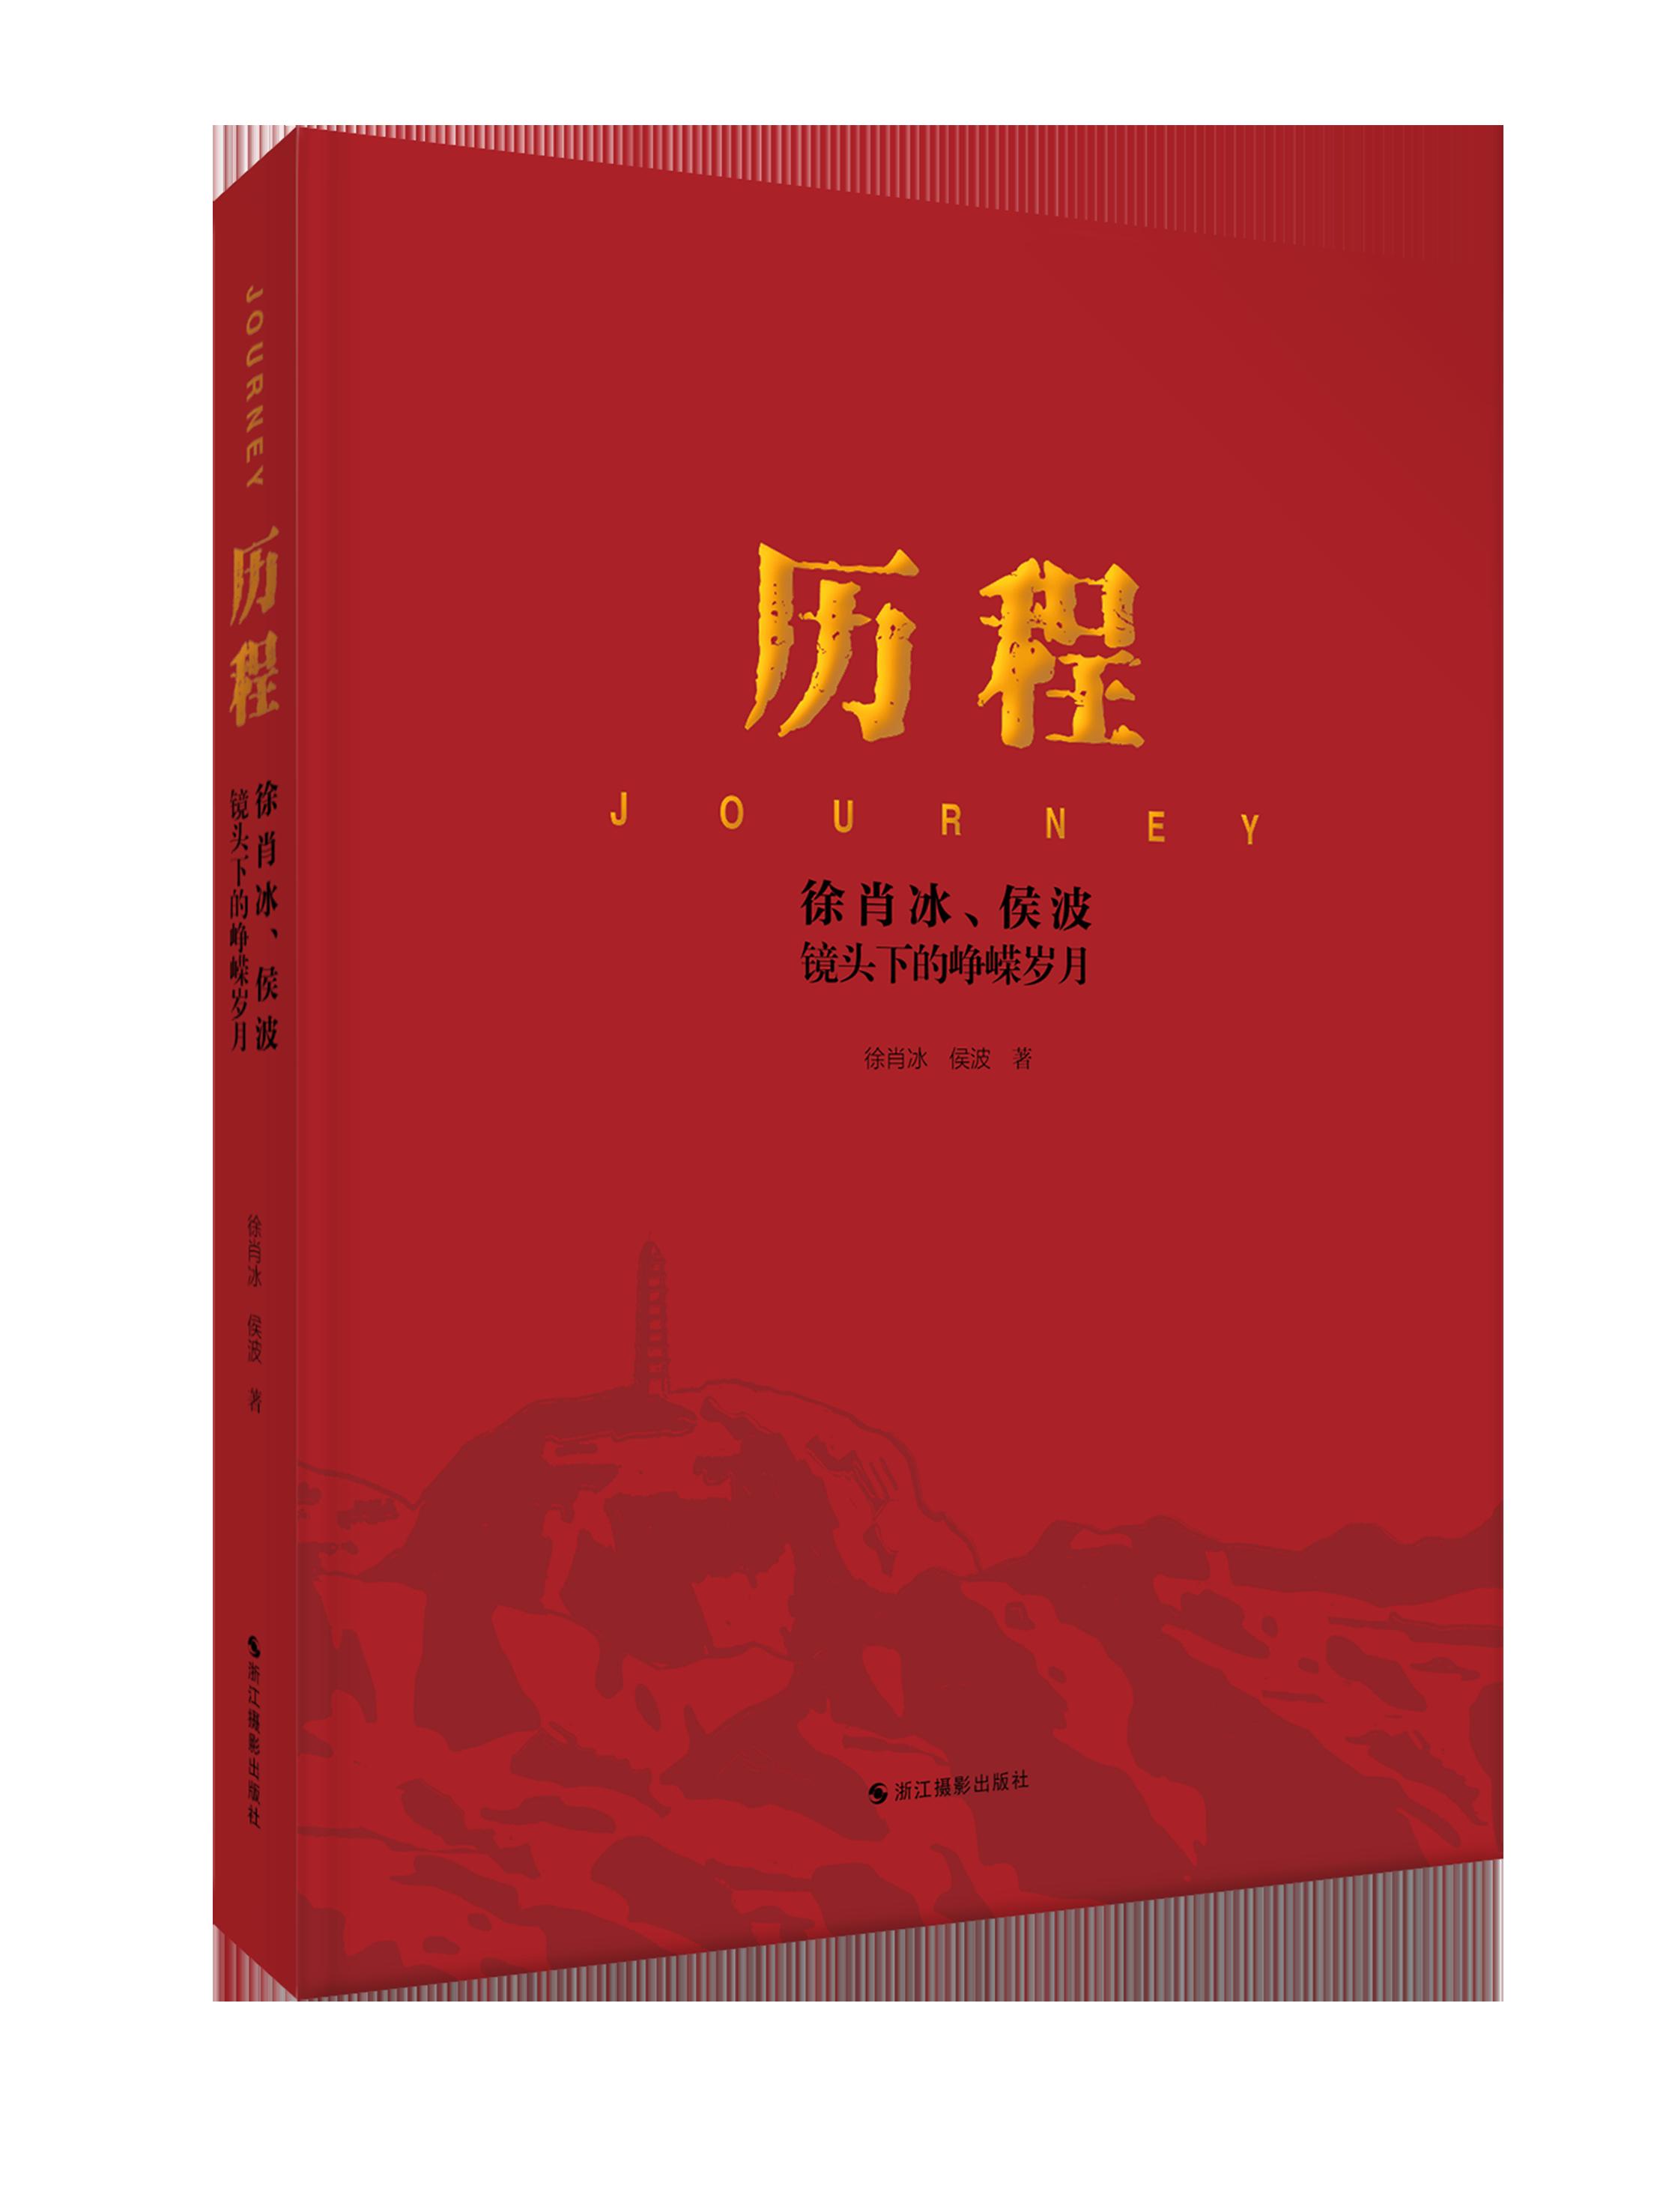 《历程:徐肖冰、侯波镜头下的峥嵘岁月》隆重首发,以221幅珍贵历史影像贺中国共产党百年华诞-出版人杂志官网